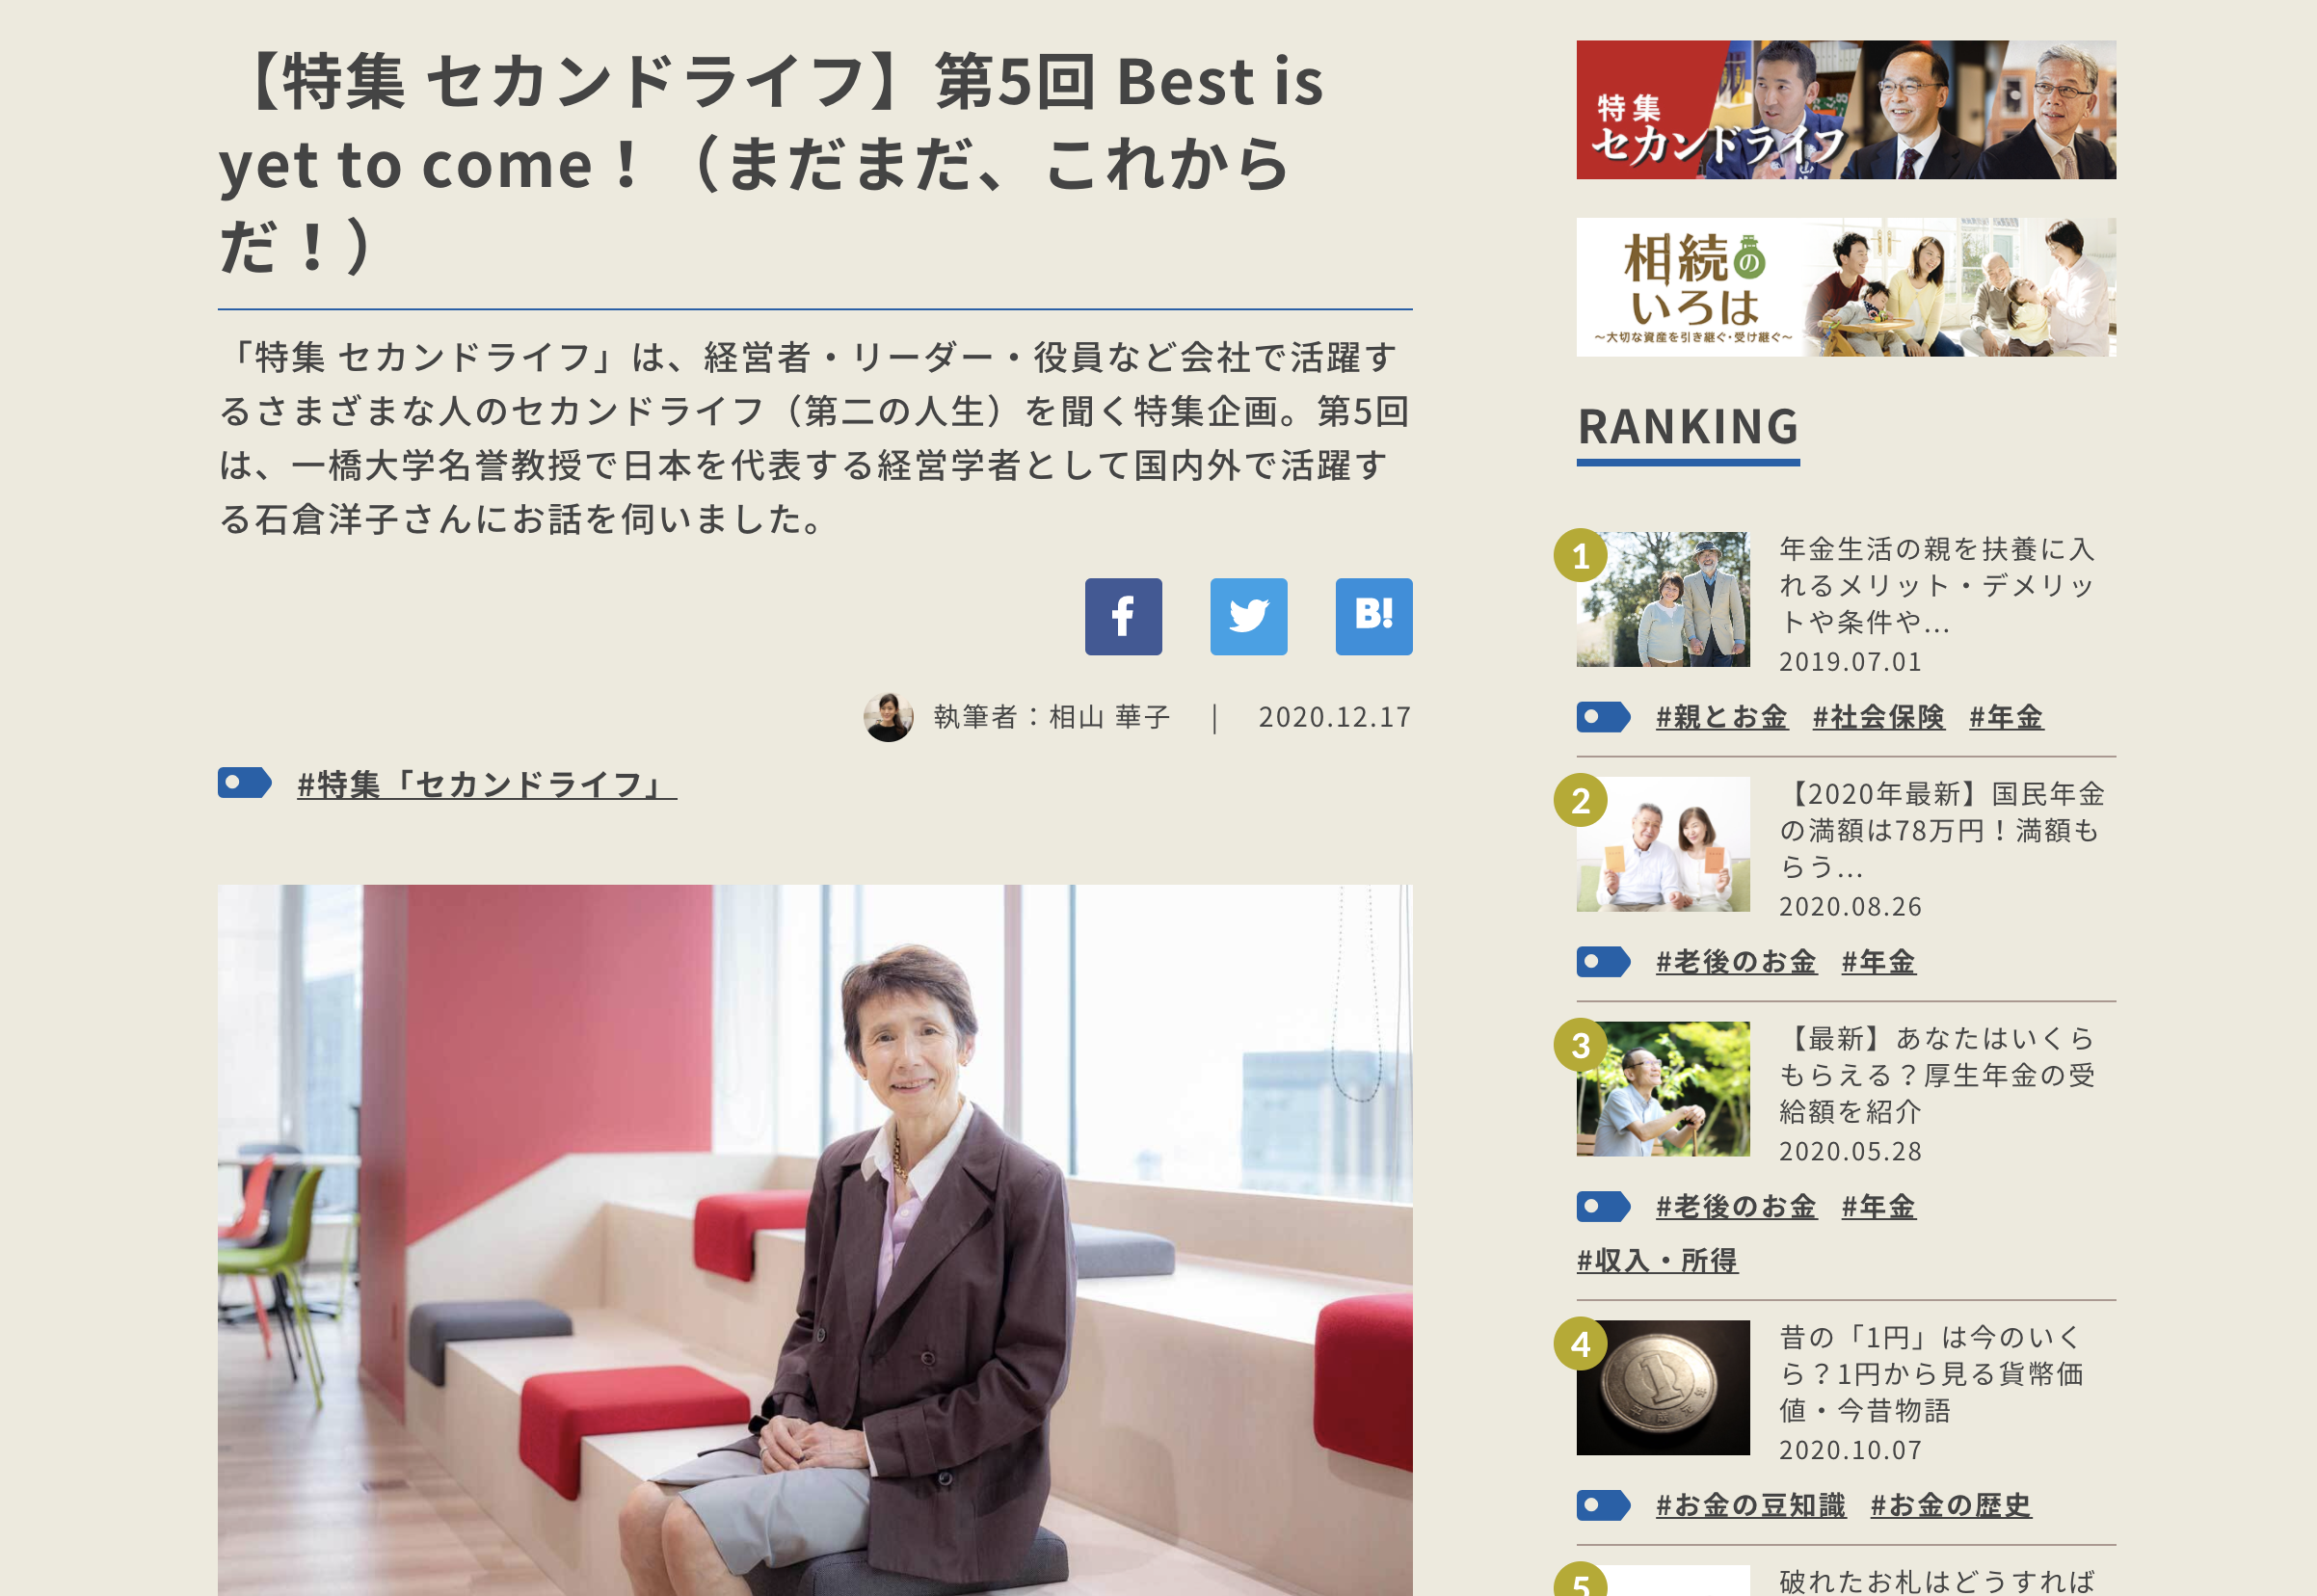 三菱UFJ信託銀行 様 「特集セカンドライフ」第5回